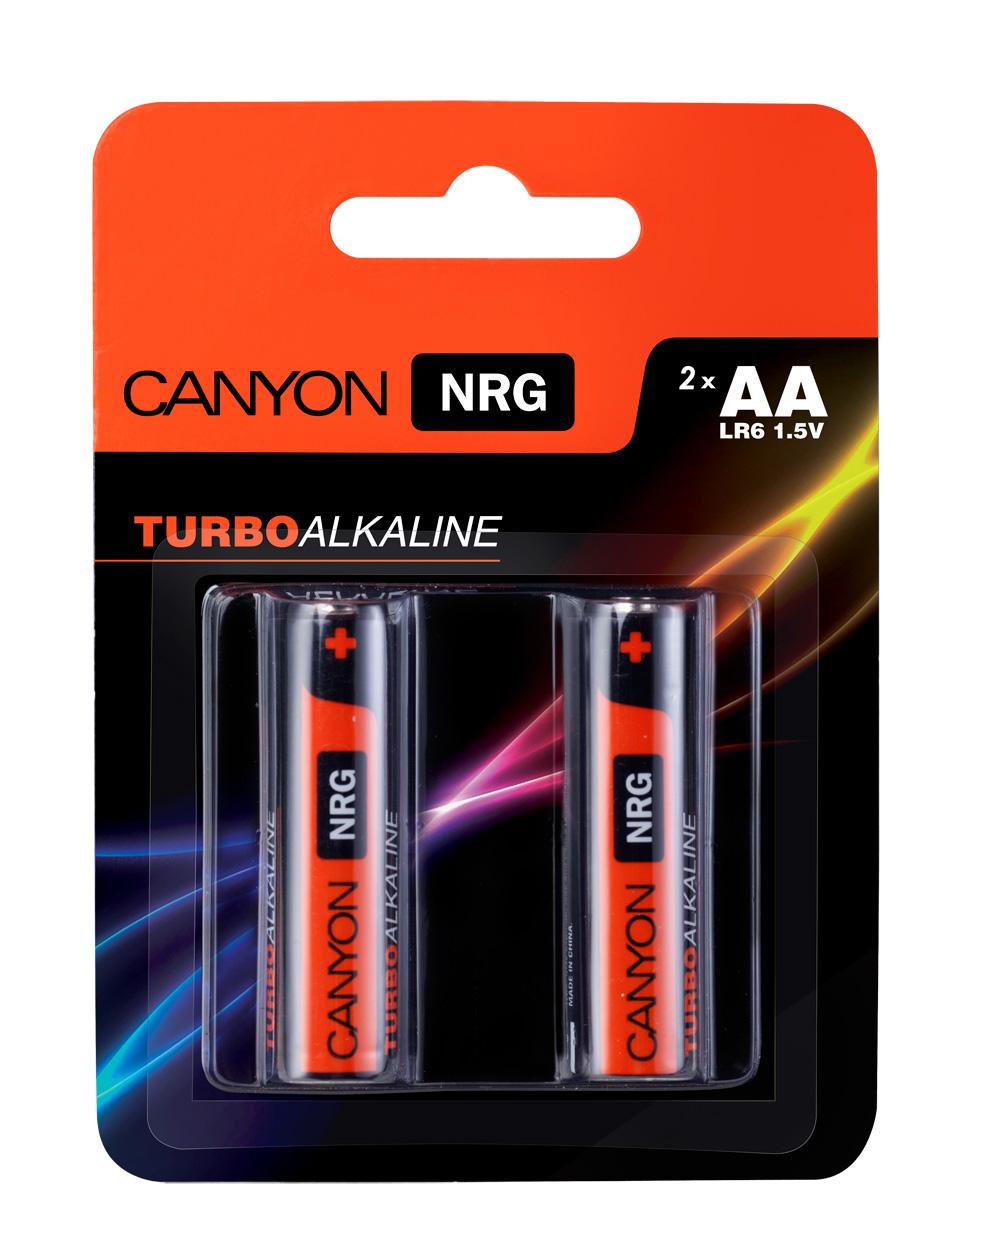 Батарейка алкалиновая Canyon NRG, тип AA (LR6), 2 штALKAA2Щелочная технология идеально подходит для устройств с высоким энергопотреблением, щелочные батареи в 6 раз лучше обычных солевых батарей, батарея остается годной для использования в течении 5 лет, щелочные батареи Canyon NRG содержат 0% кадмия и ртути.